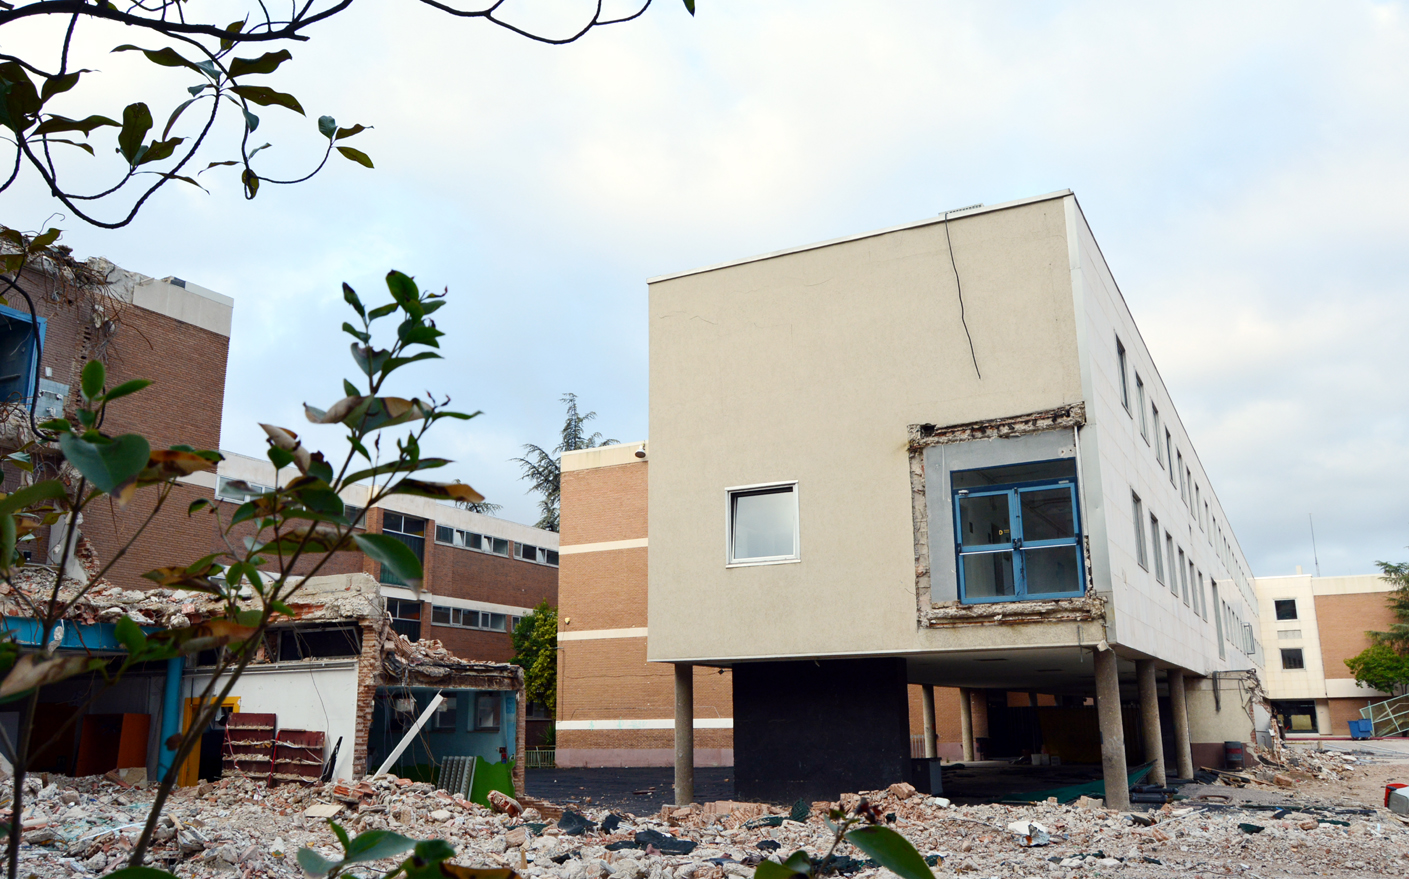 Colegio aleman derribo 07092019-01-SMALL